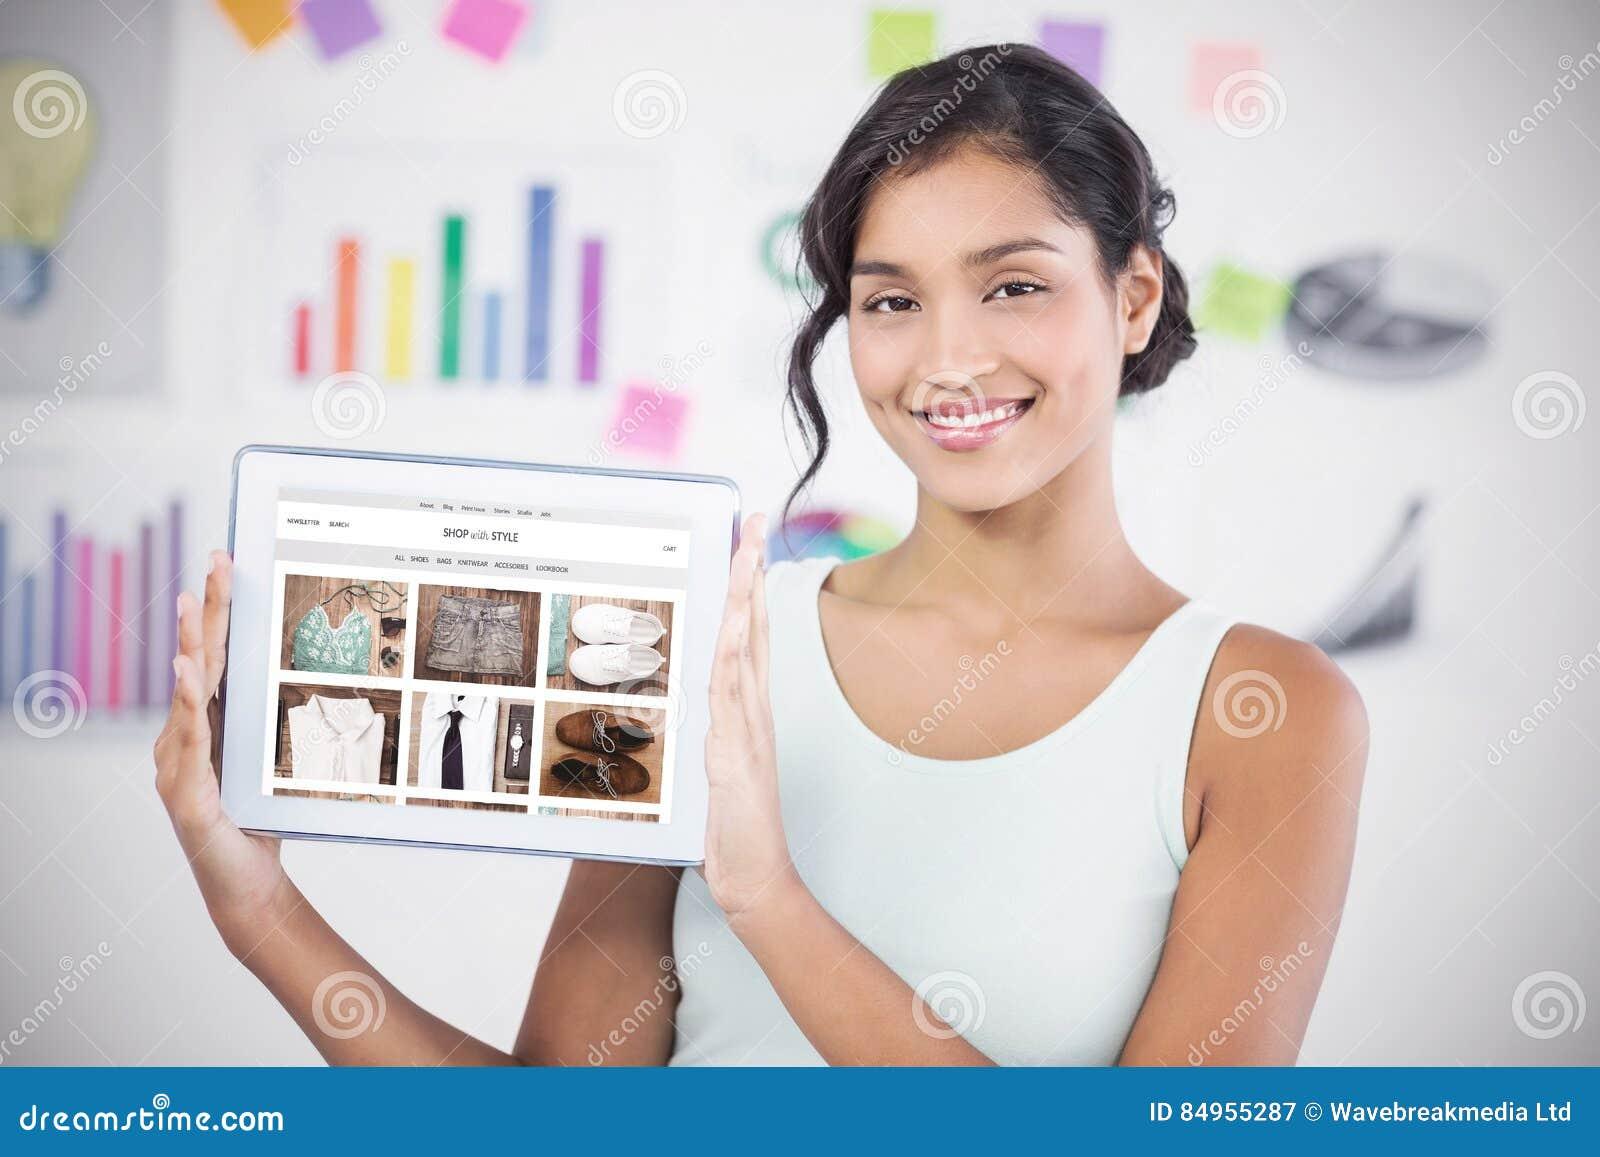 Σύνθετη εικόνα της ευτυχούς επιχειρηματία που παρουσιάζει ψηφιακή ταμπλέτα στο δημιουργικό γραφείο